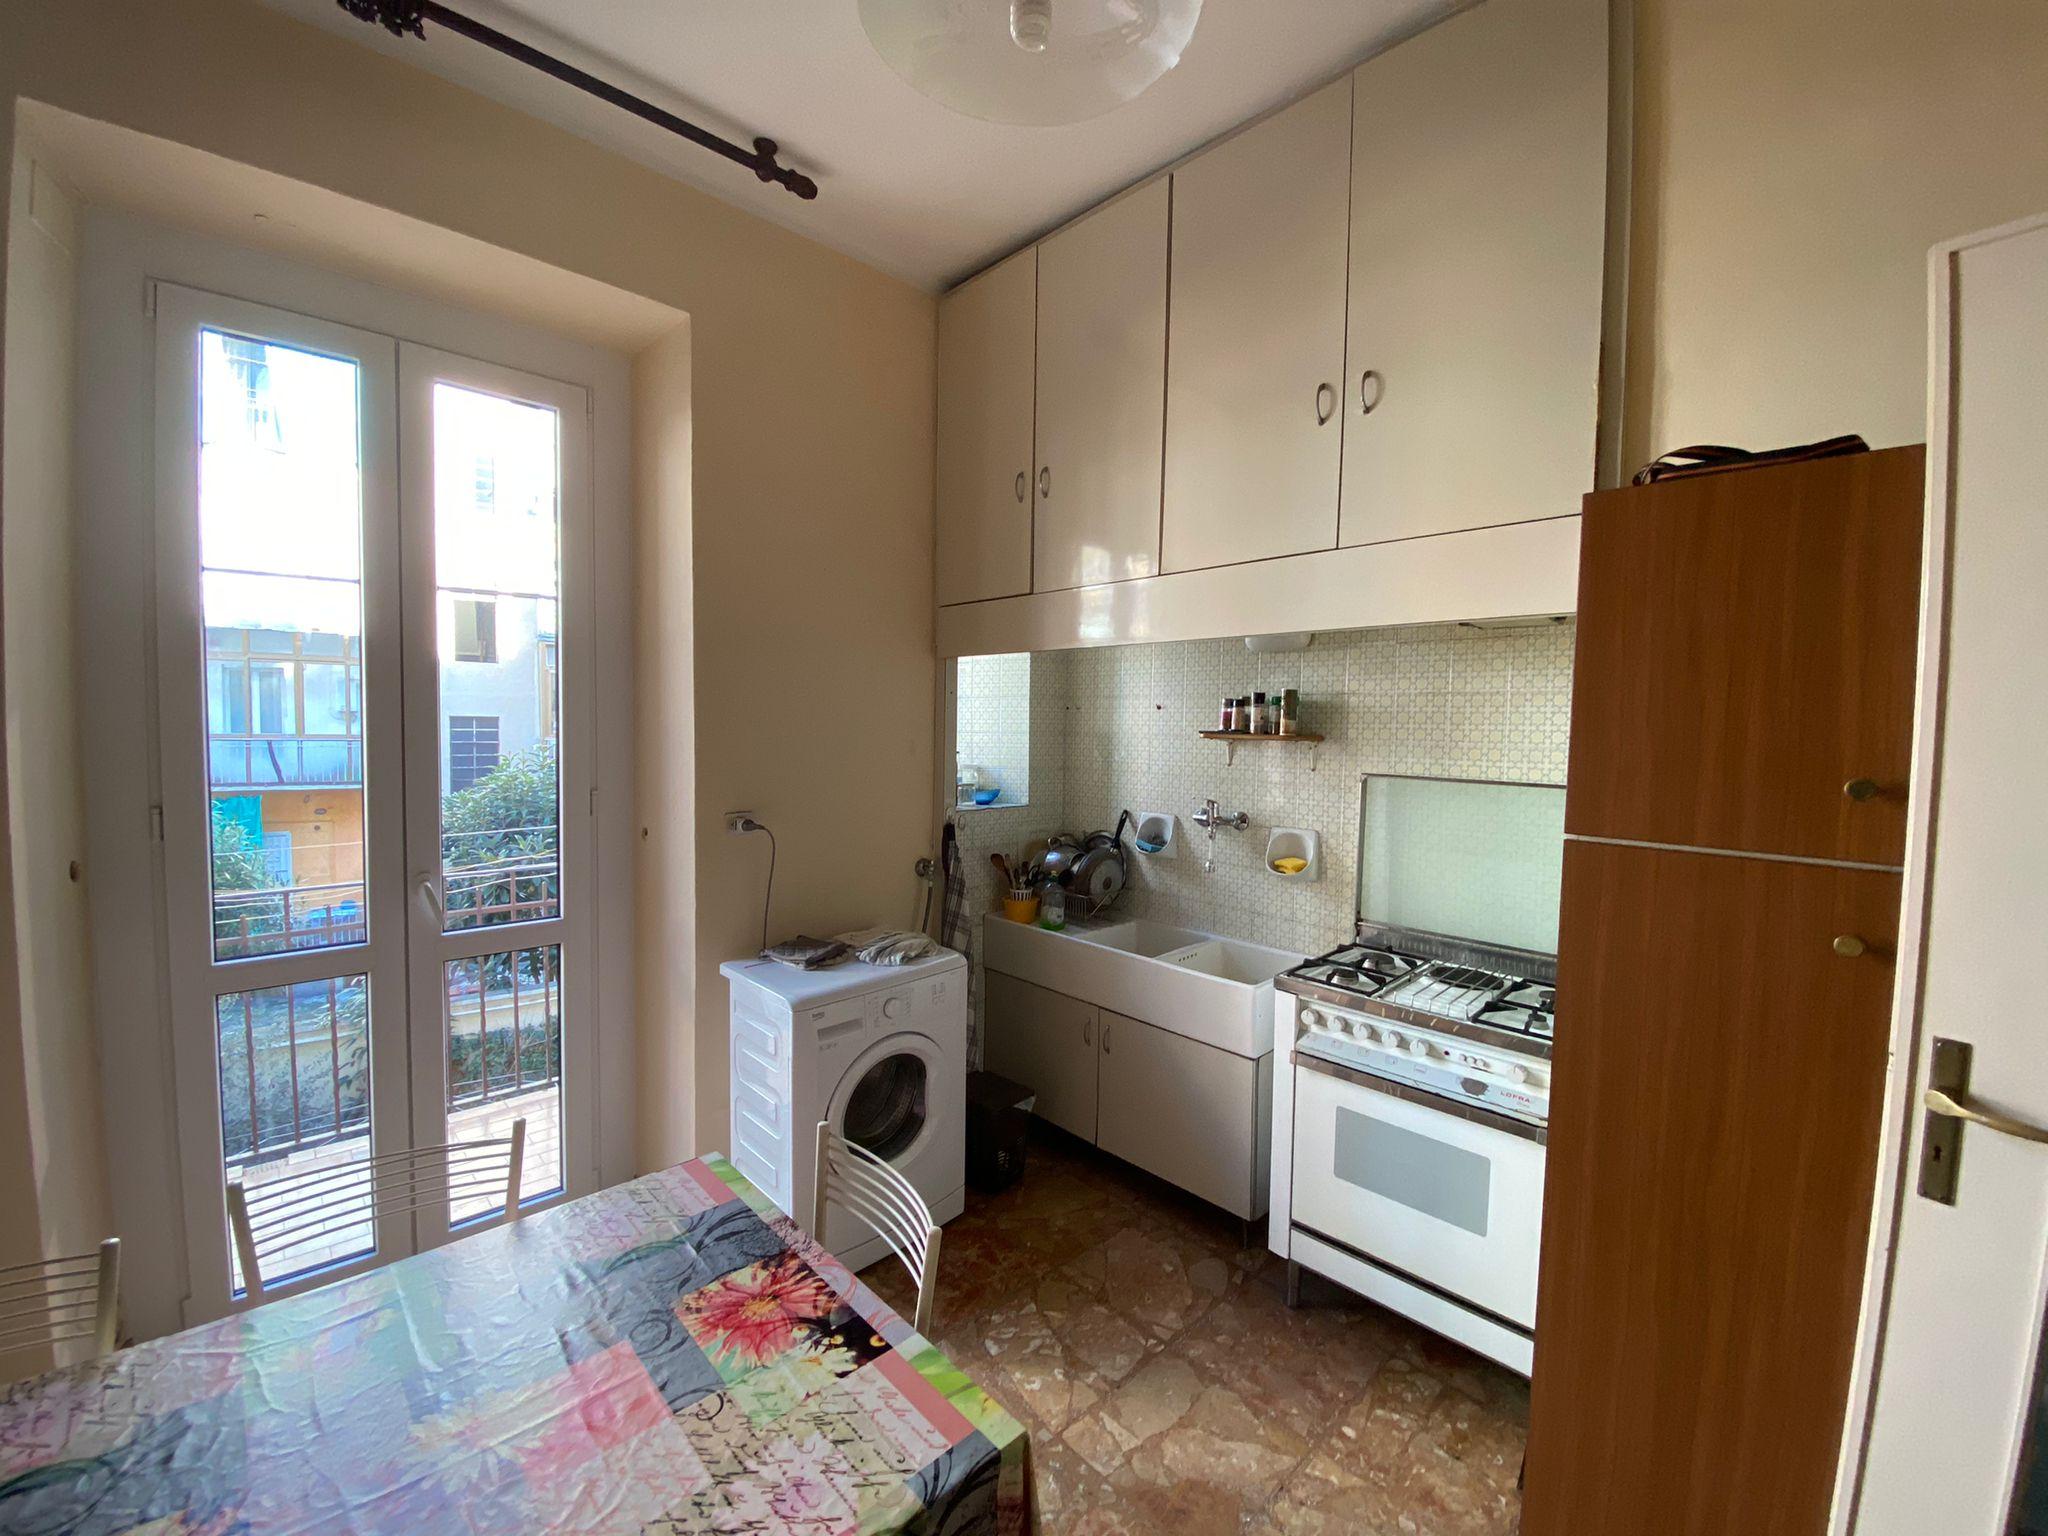 Trilocale arredato in affitto, zona San Paolo.